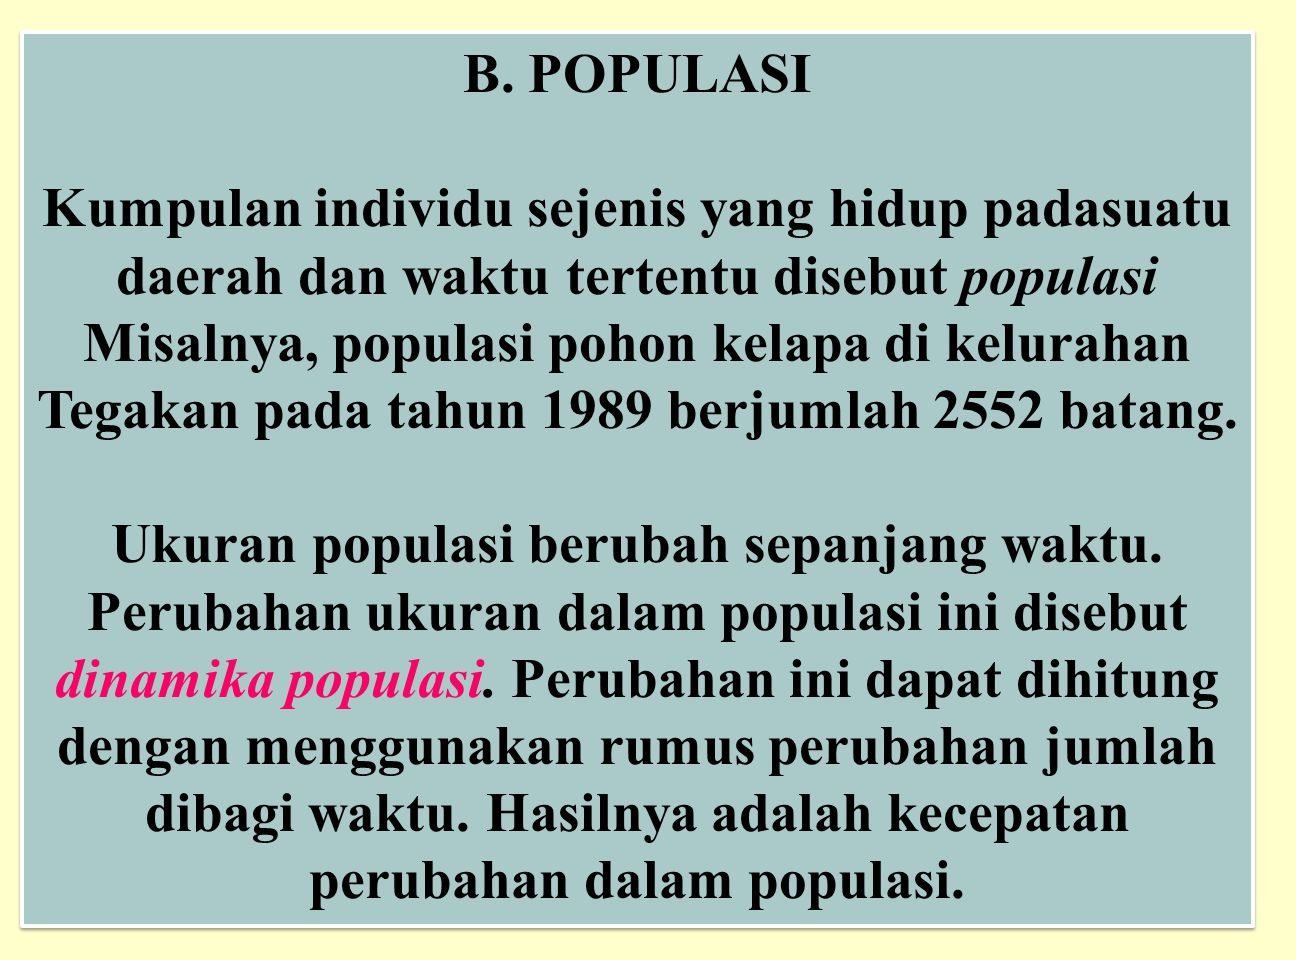 B. POPULASI Kumpulan individu sejenis yang hidup padasuatu daerah dan waktu tertentu disebut populasi Misalnya, populasi pohon kelapa di kelurahan Teg